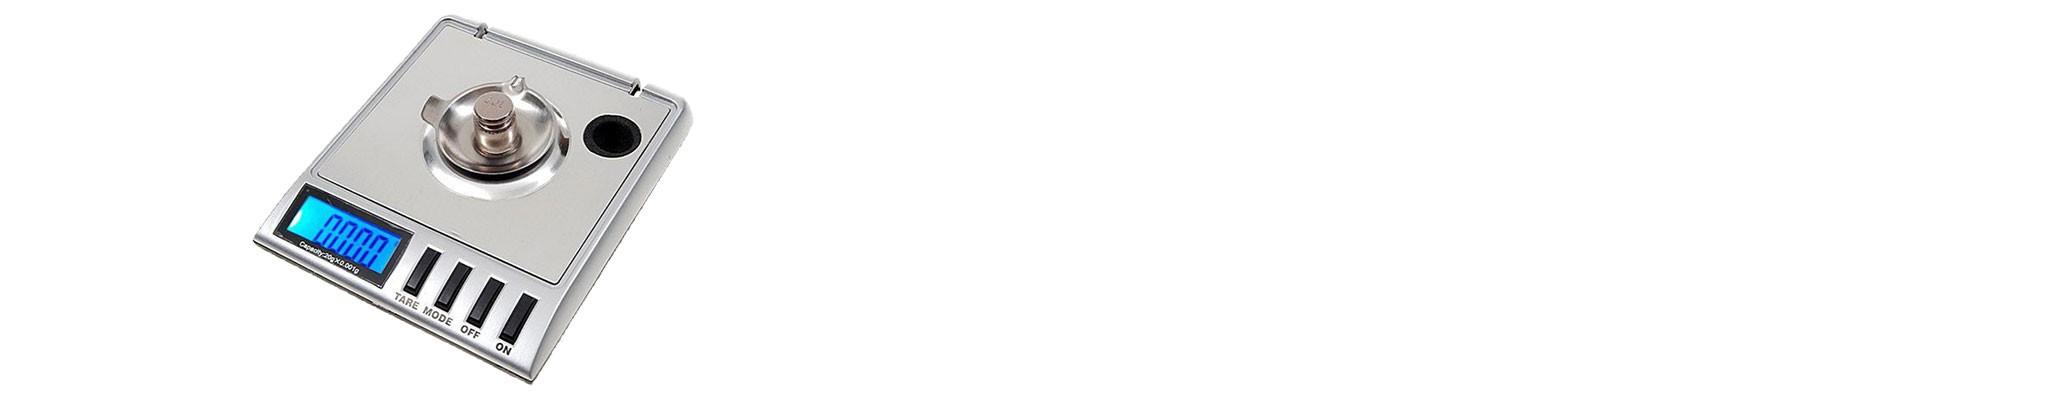 Veľmi presná digitálna mikrováha (20g max / rozlíšenie 0.001g)